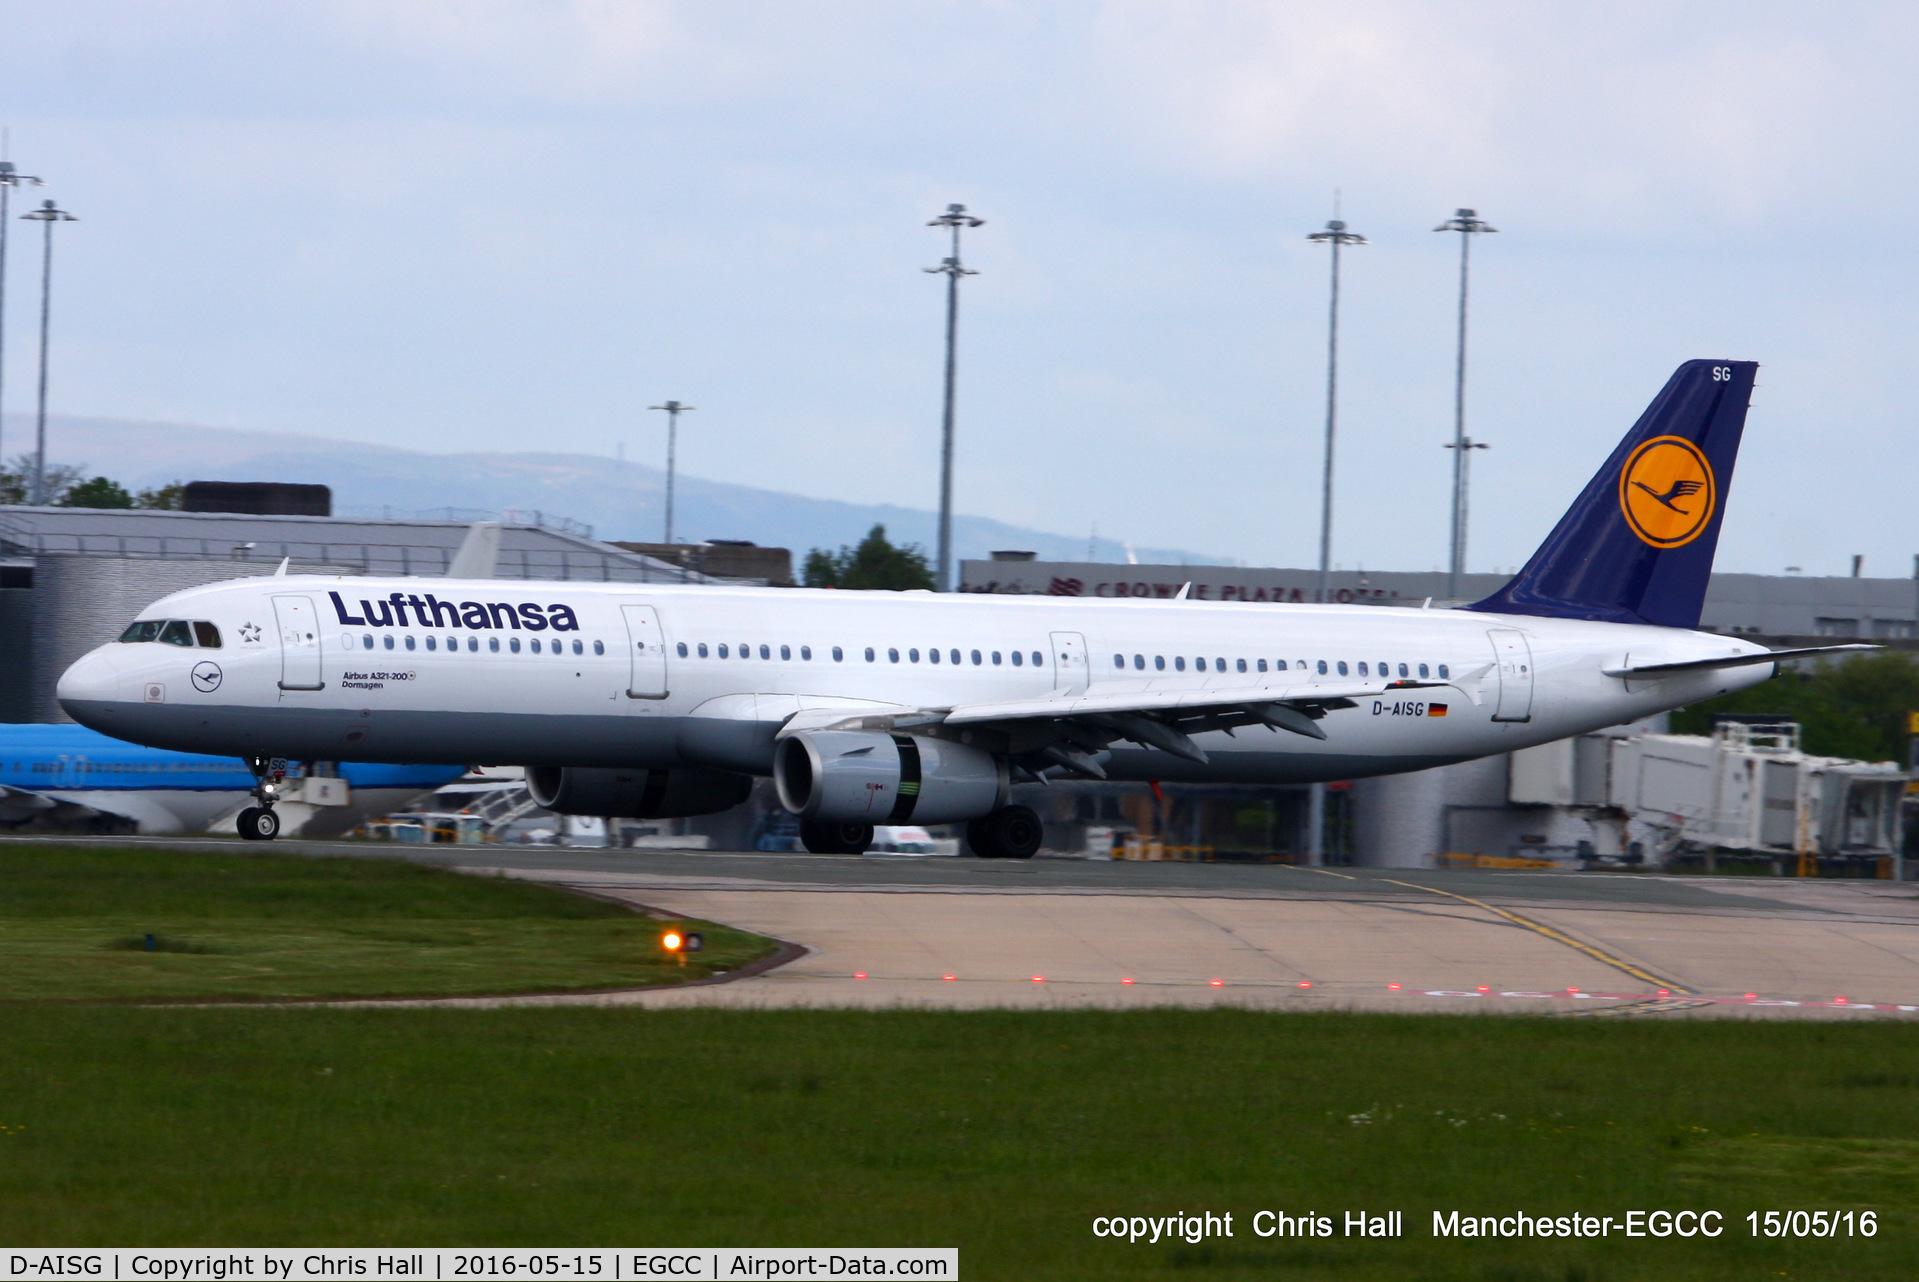 D-AISG, 2000 Airbus A321-231 C/N 1273, Lufthansa